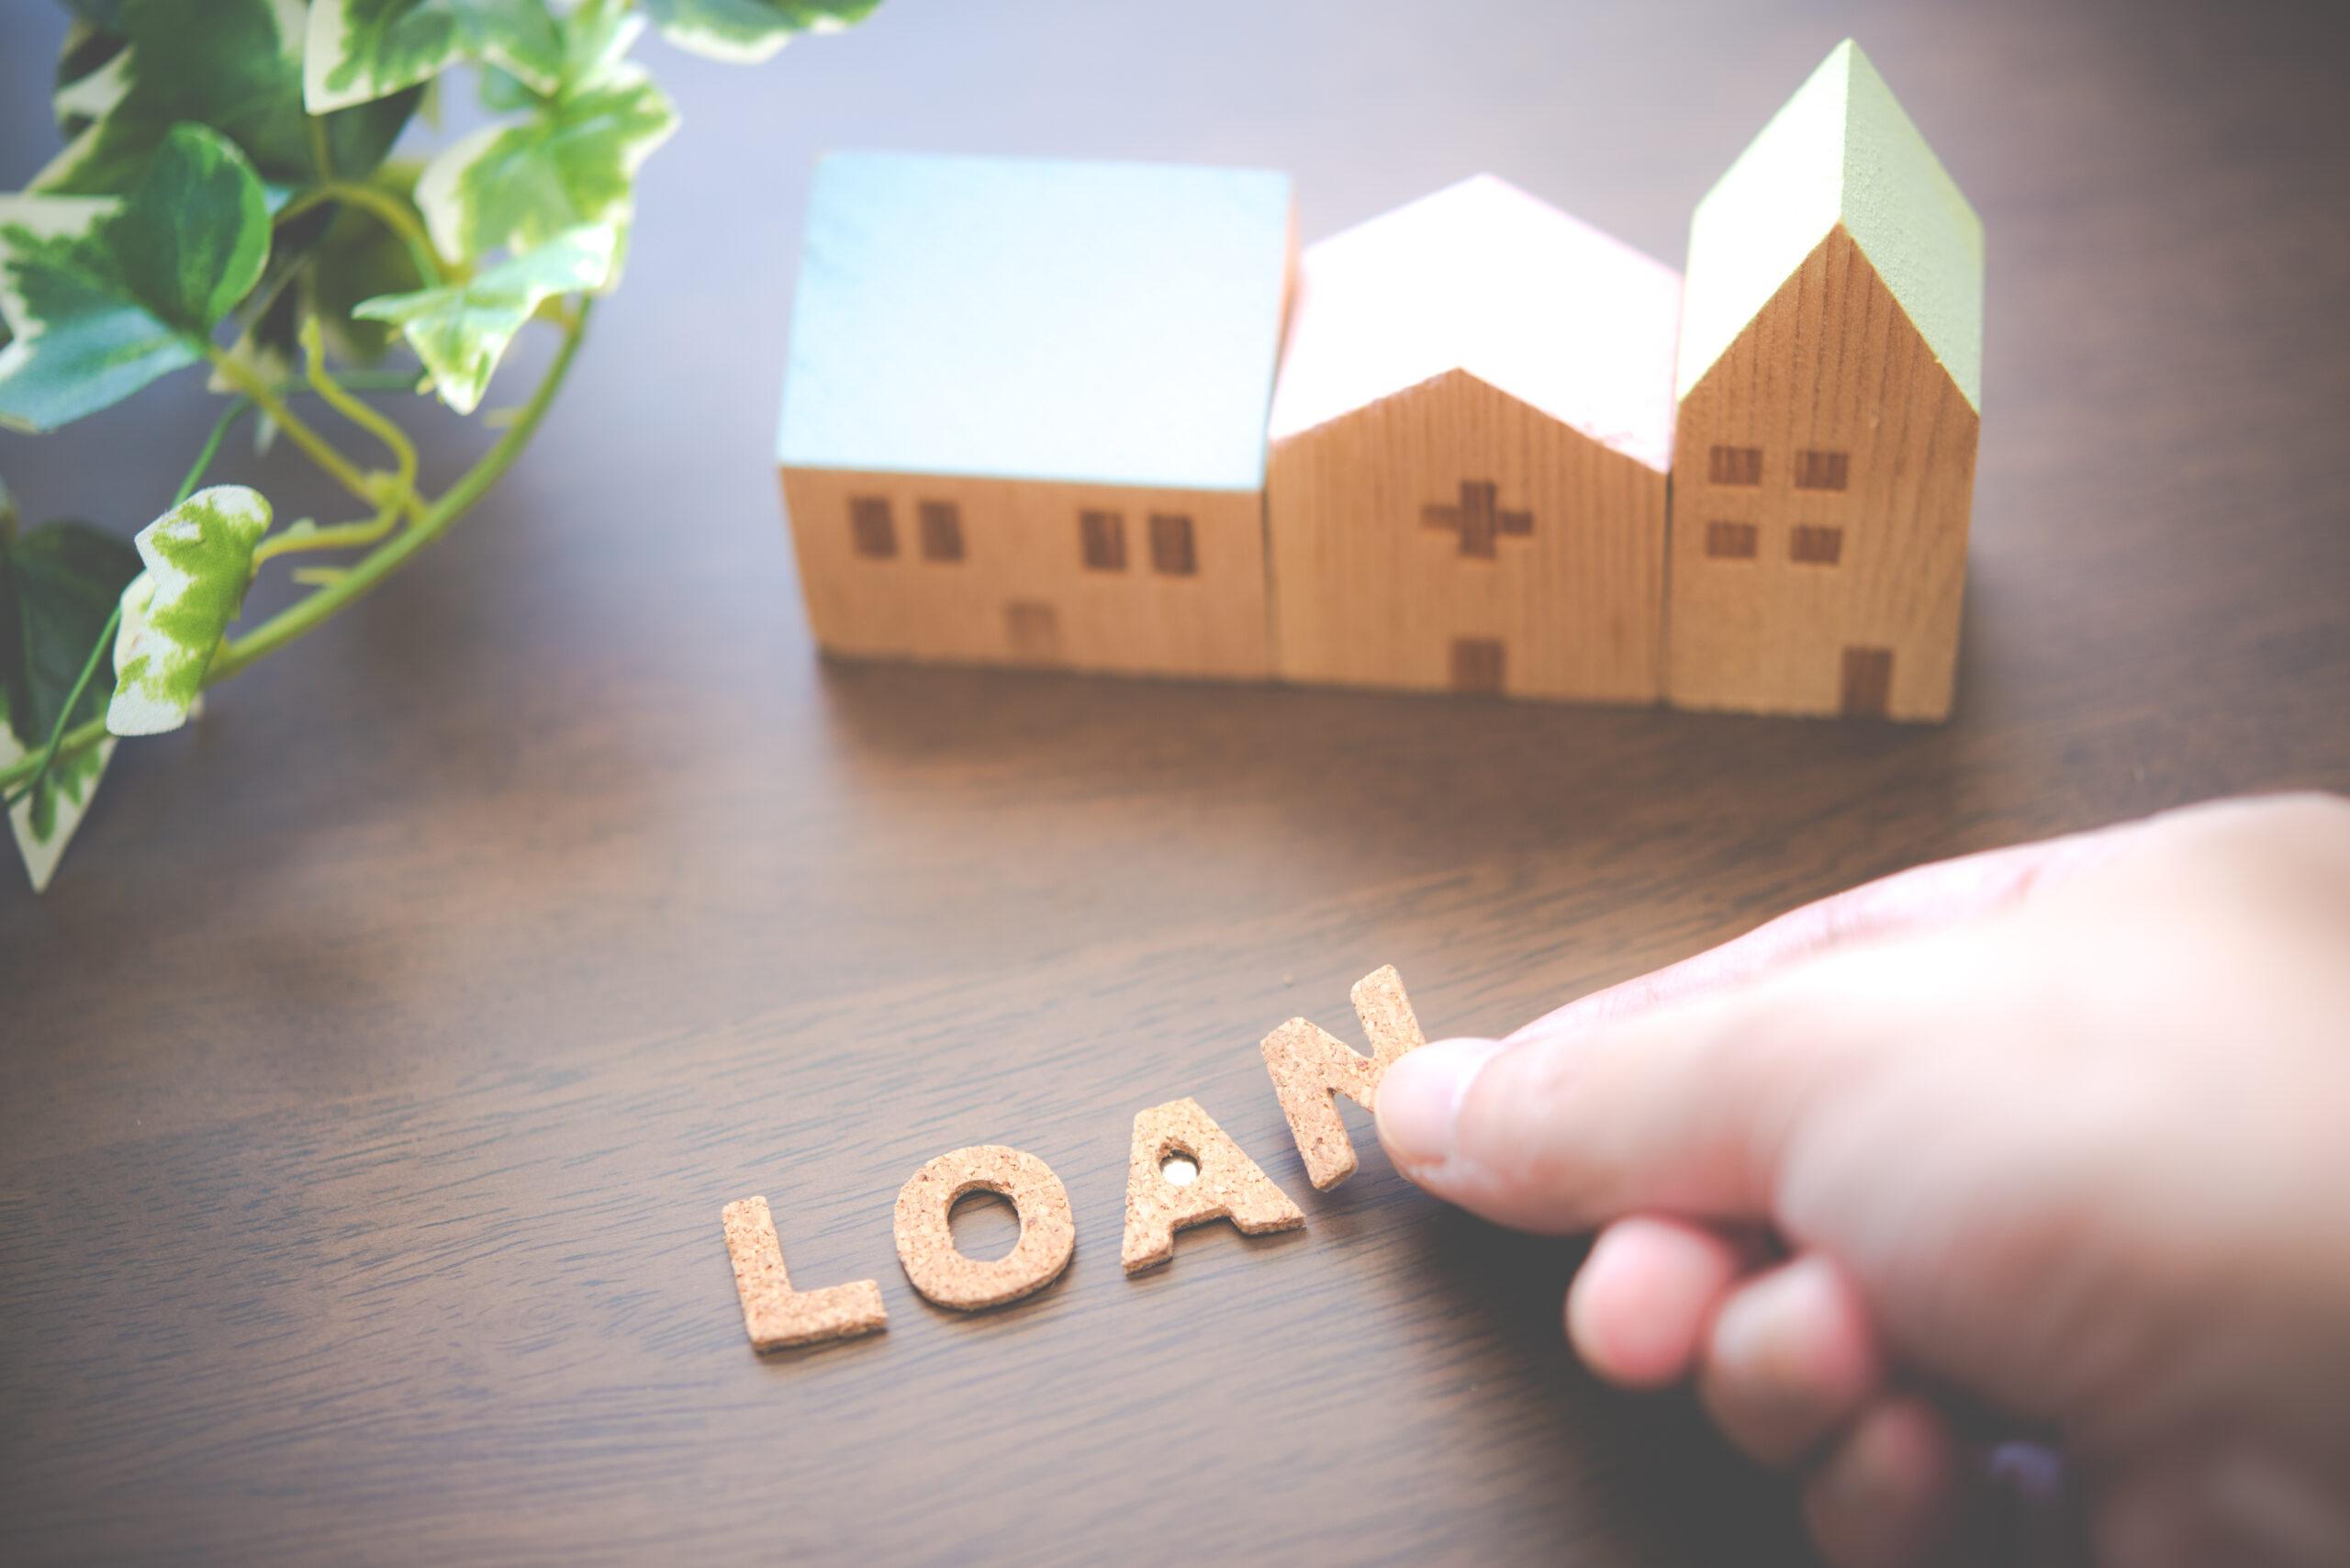 不動産投資の融資期間|長い・短いを決める条件と考え方とは